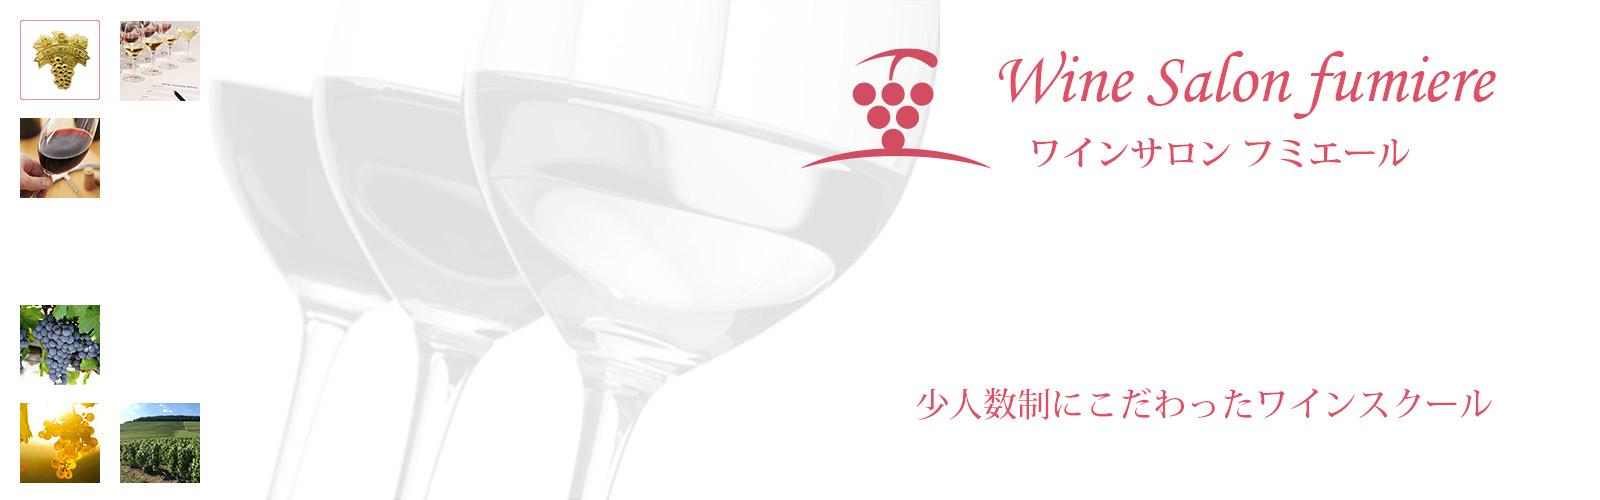 Wine Salon fumiere